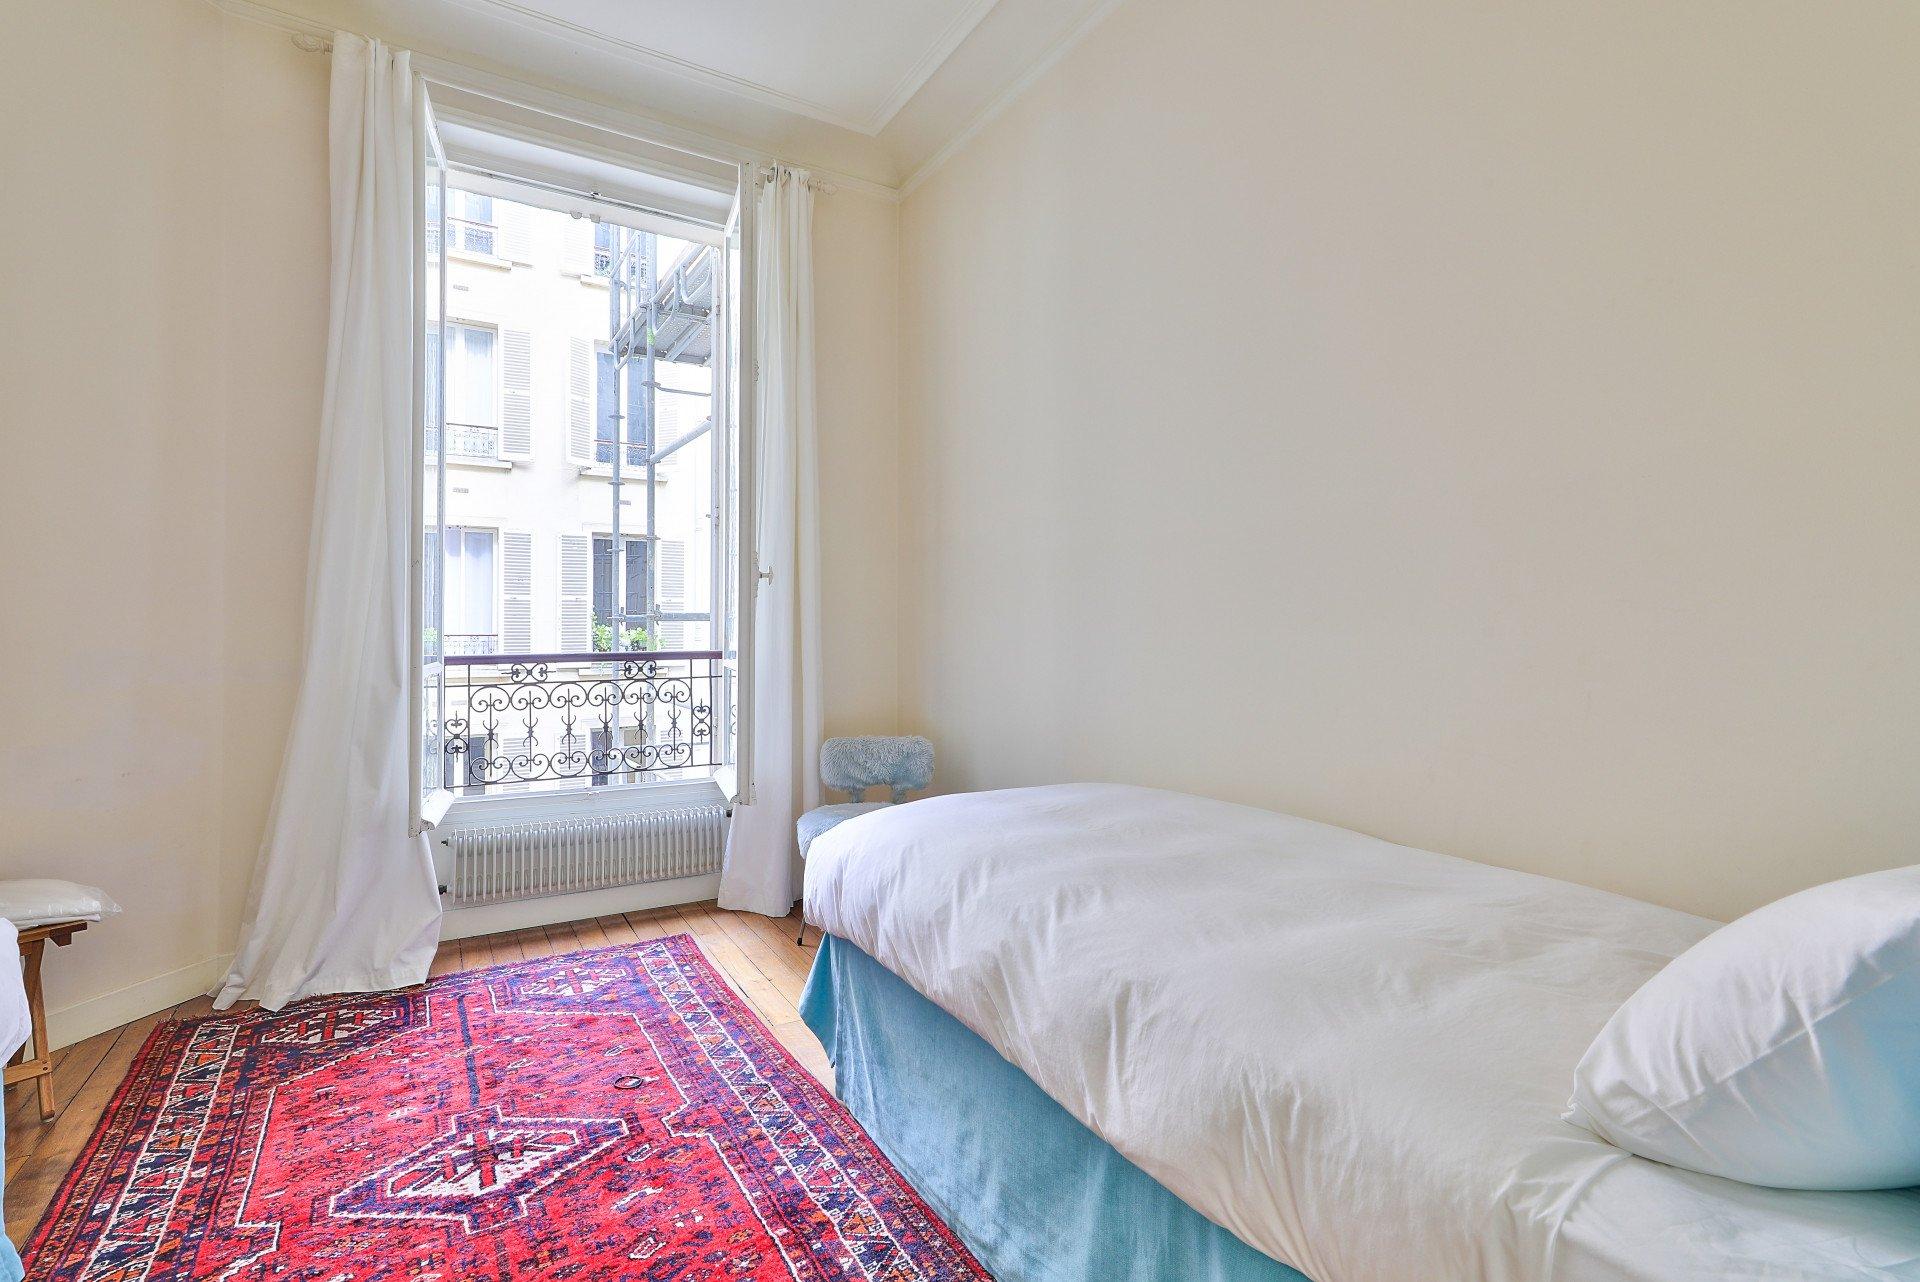 Appartement trois pièces au calme